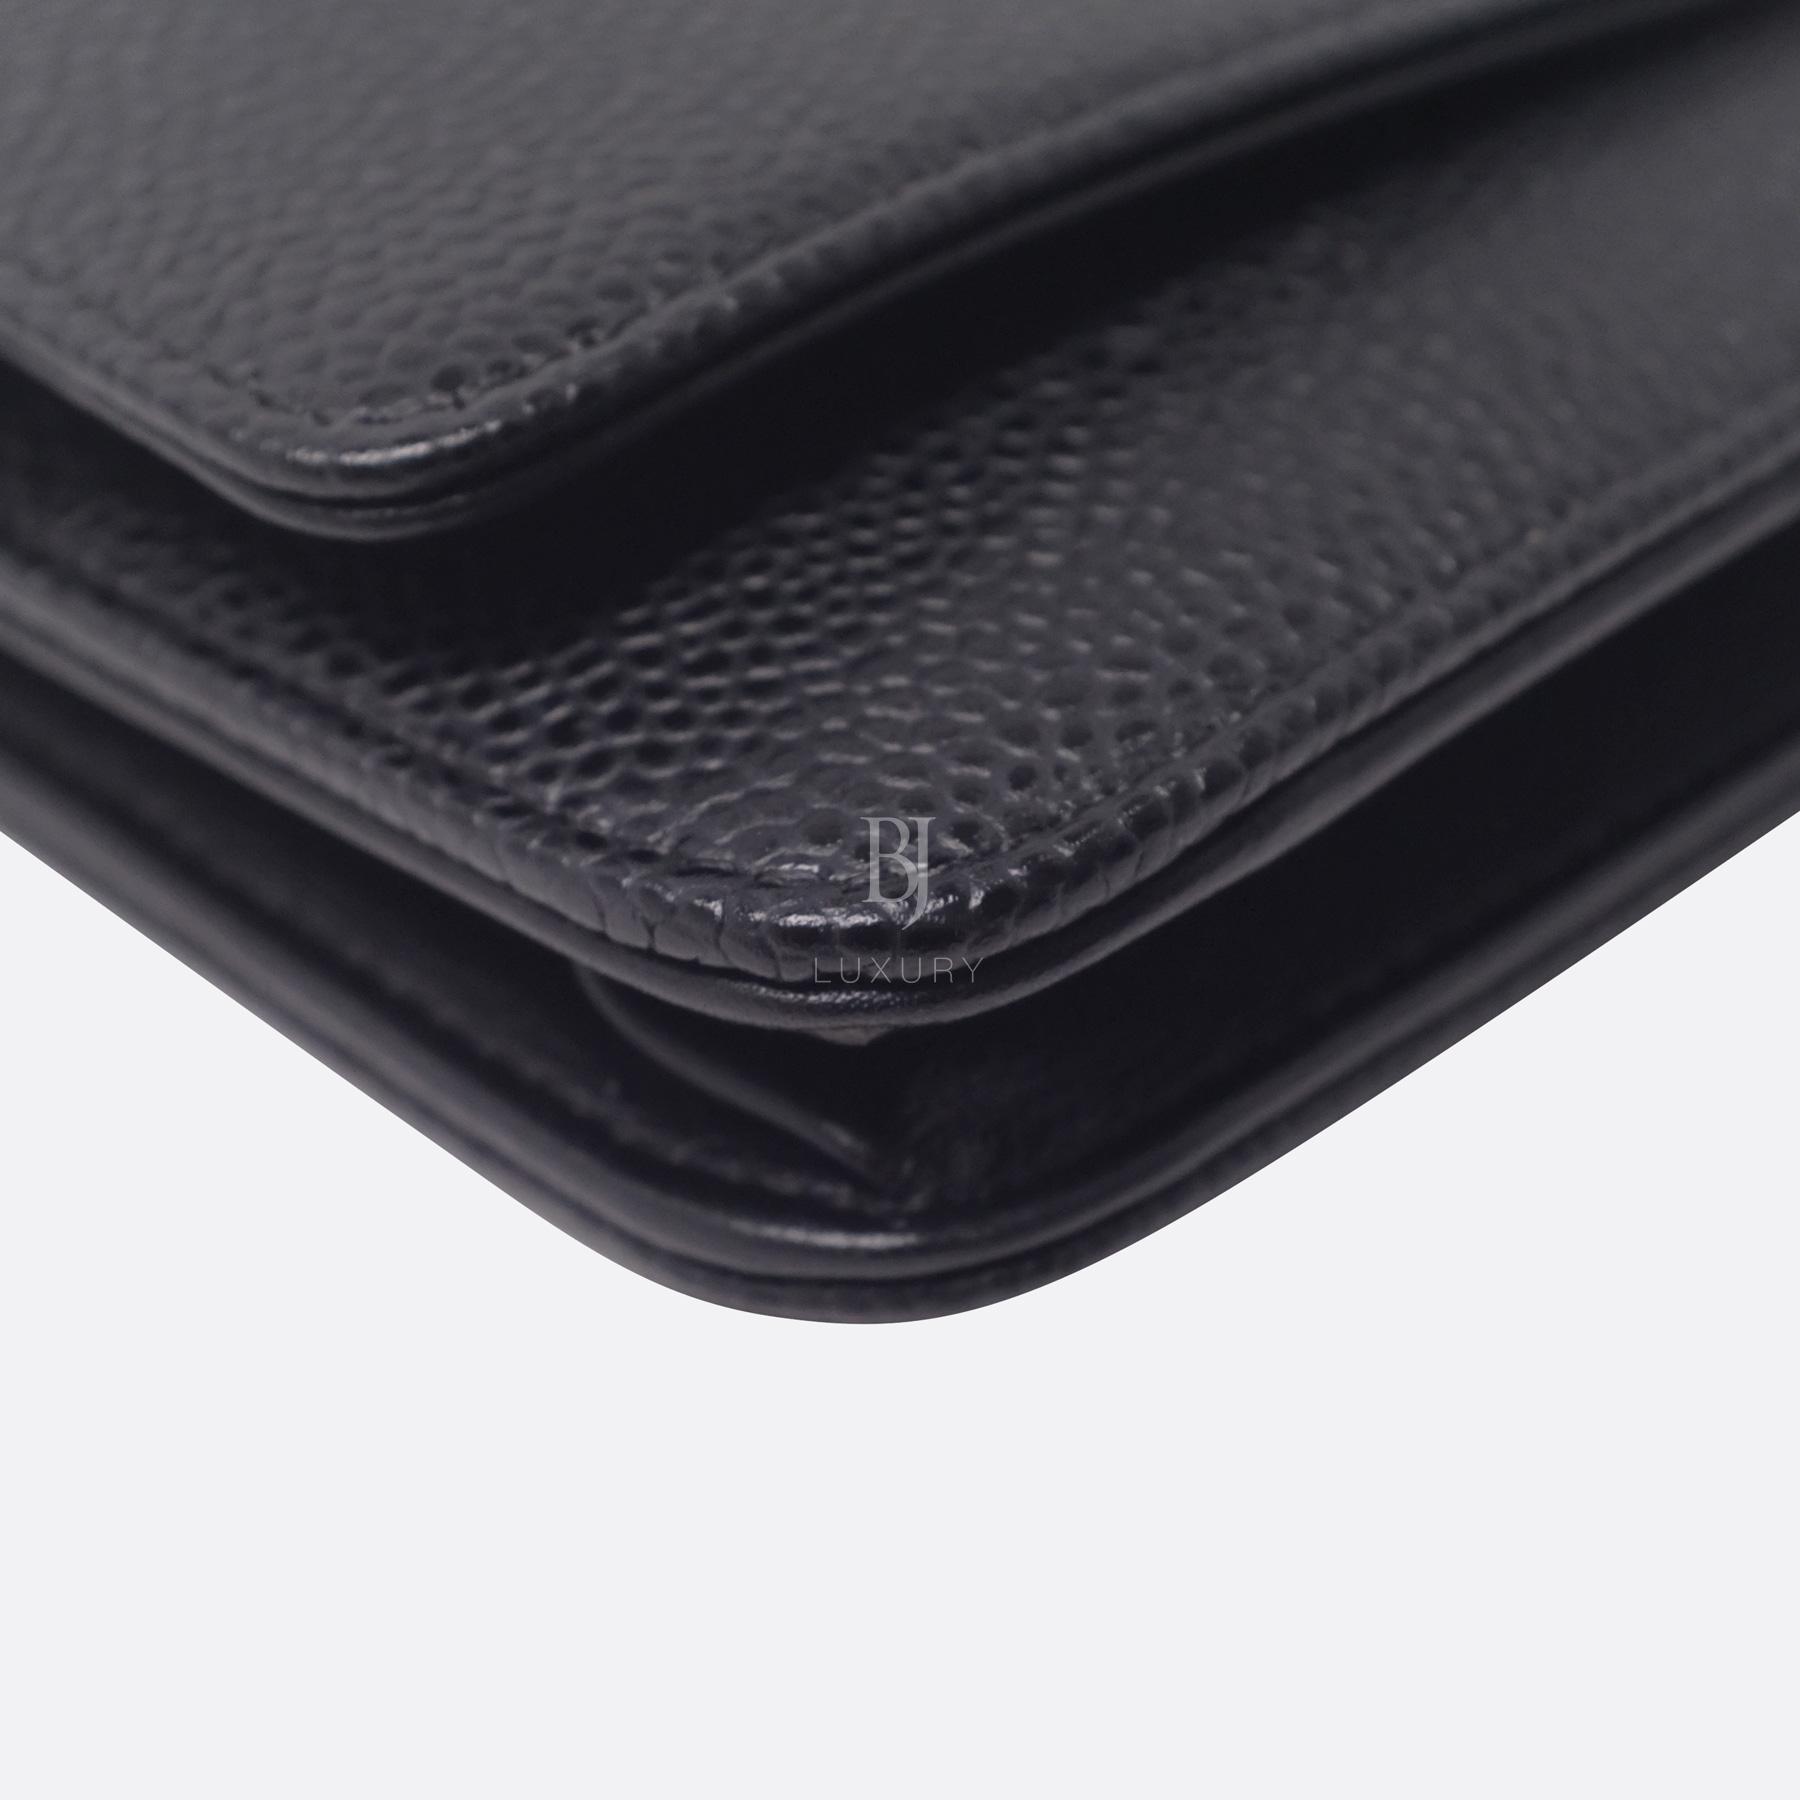 Chanel Wallet on Chain Caviar Silver Black BJ Luxury 7.jpg